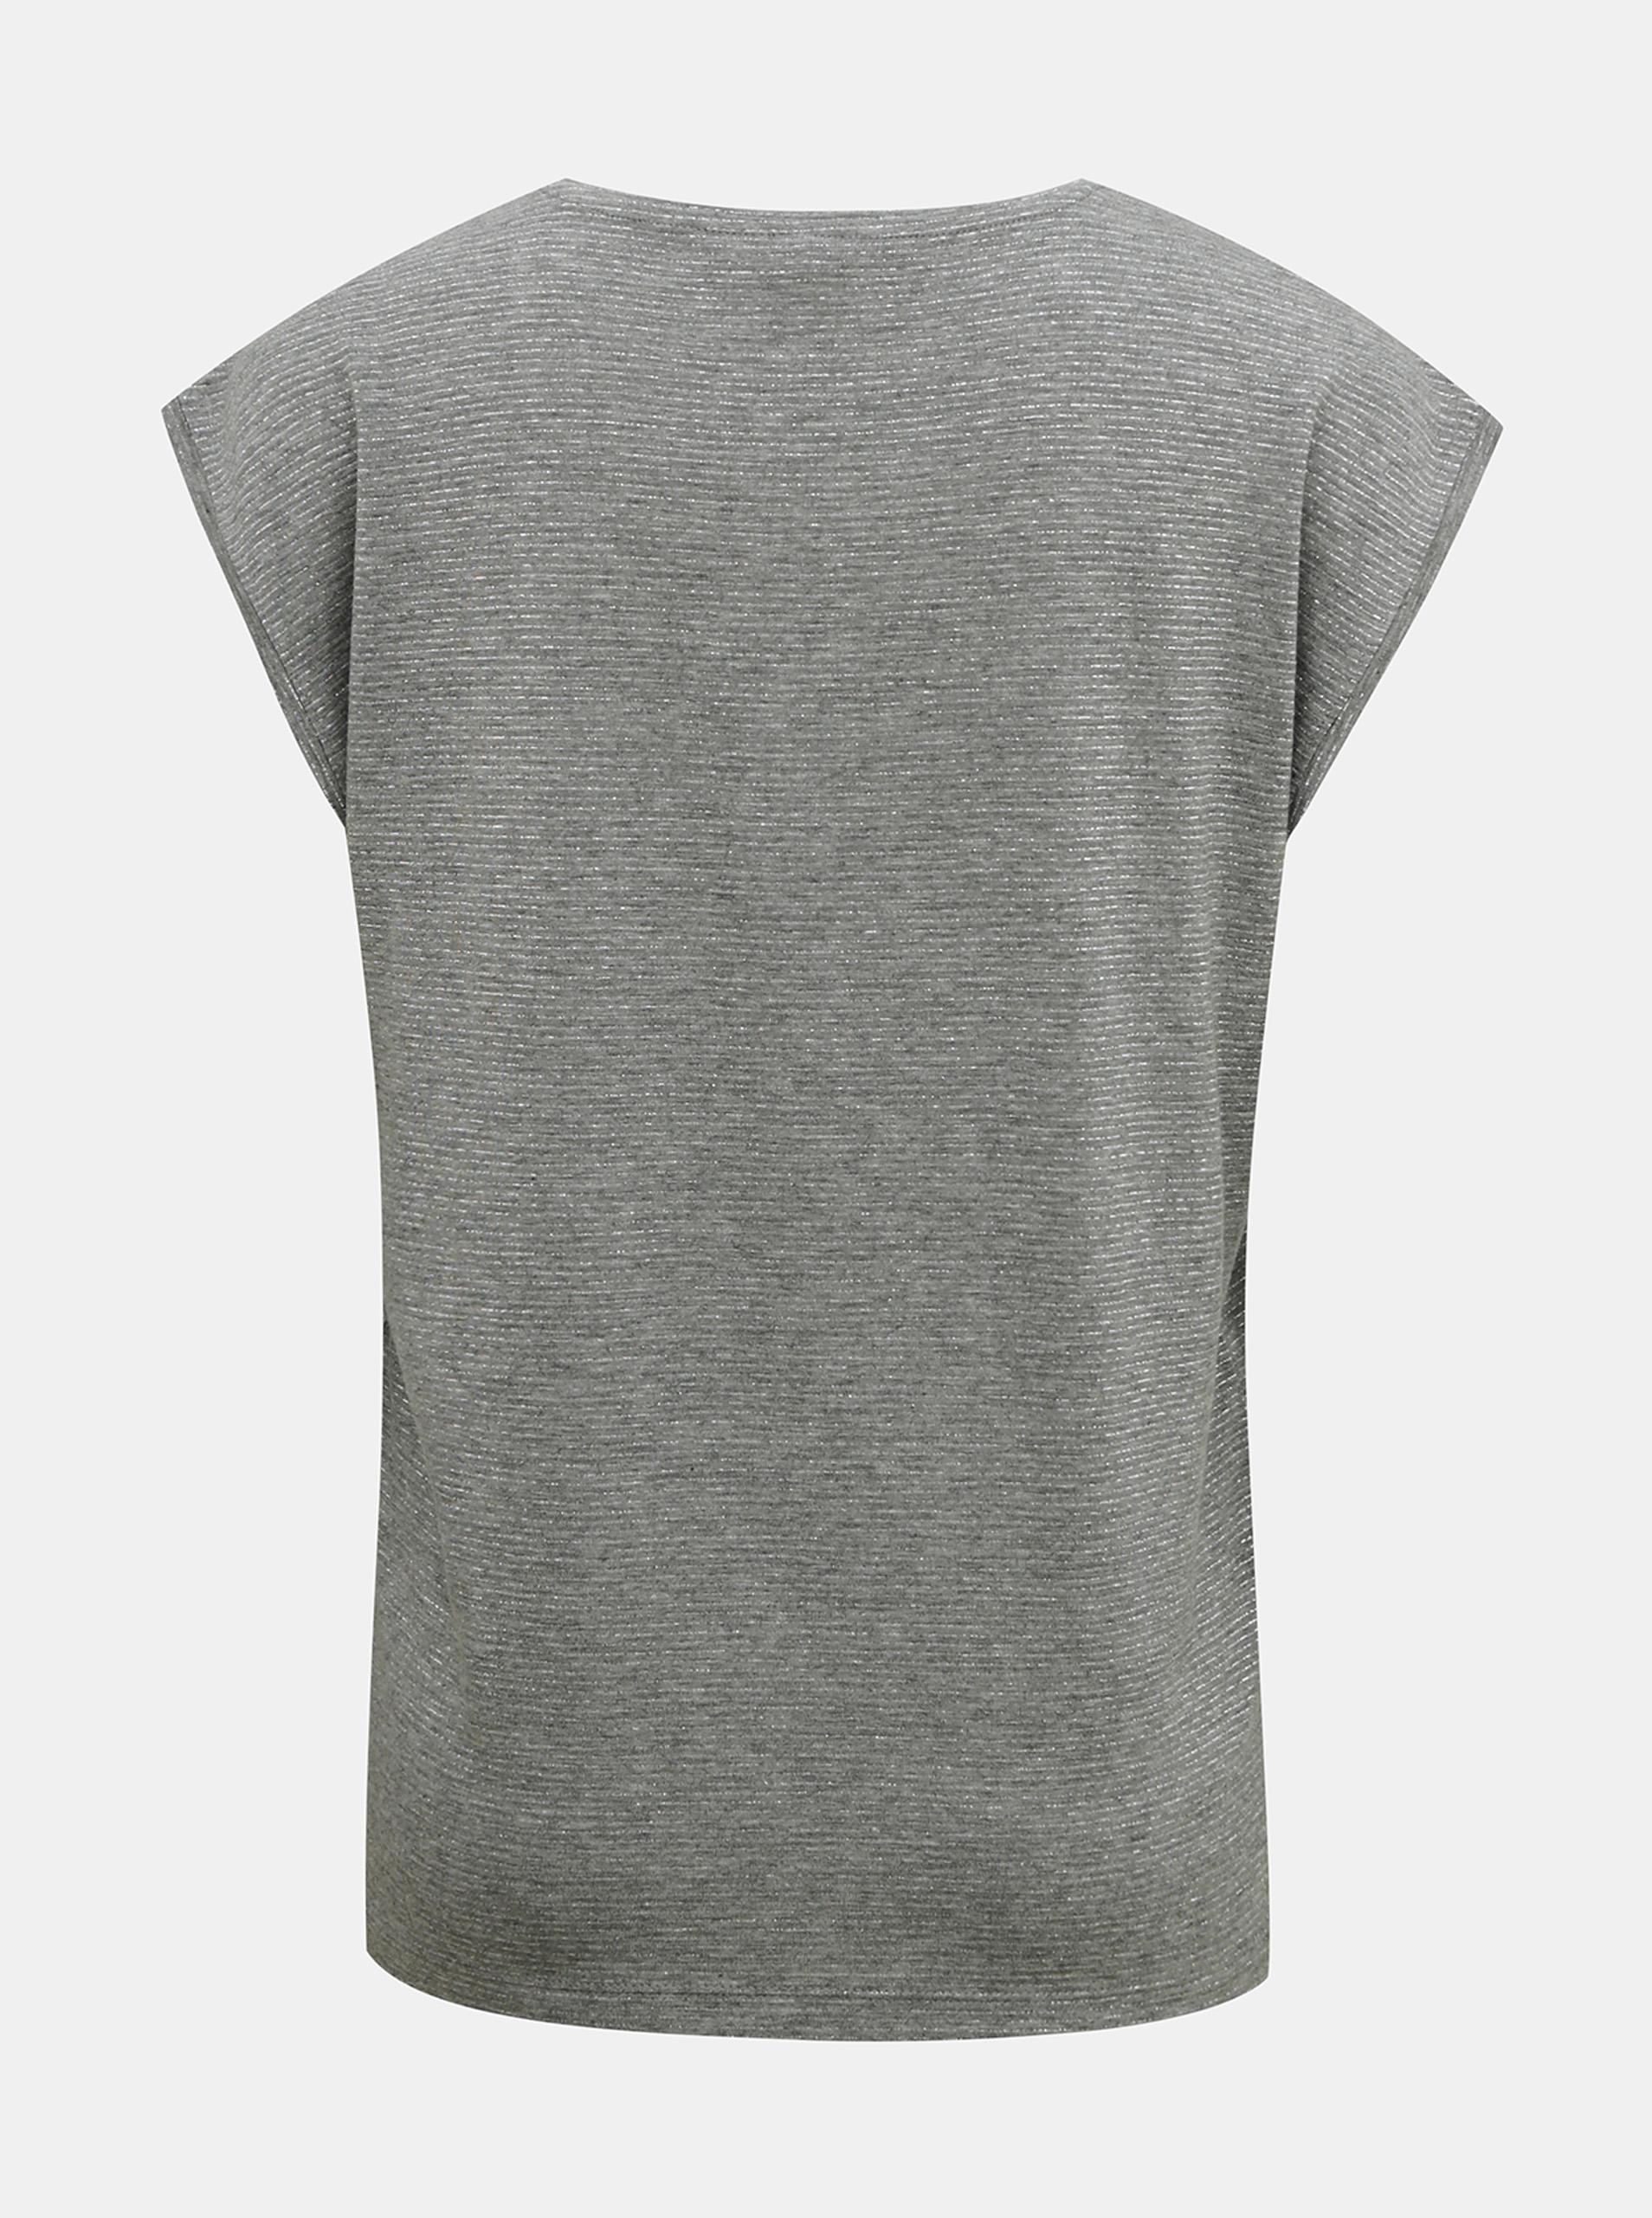 T-shirt grigia con pezzi di fibre metalliche